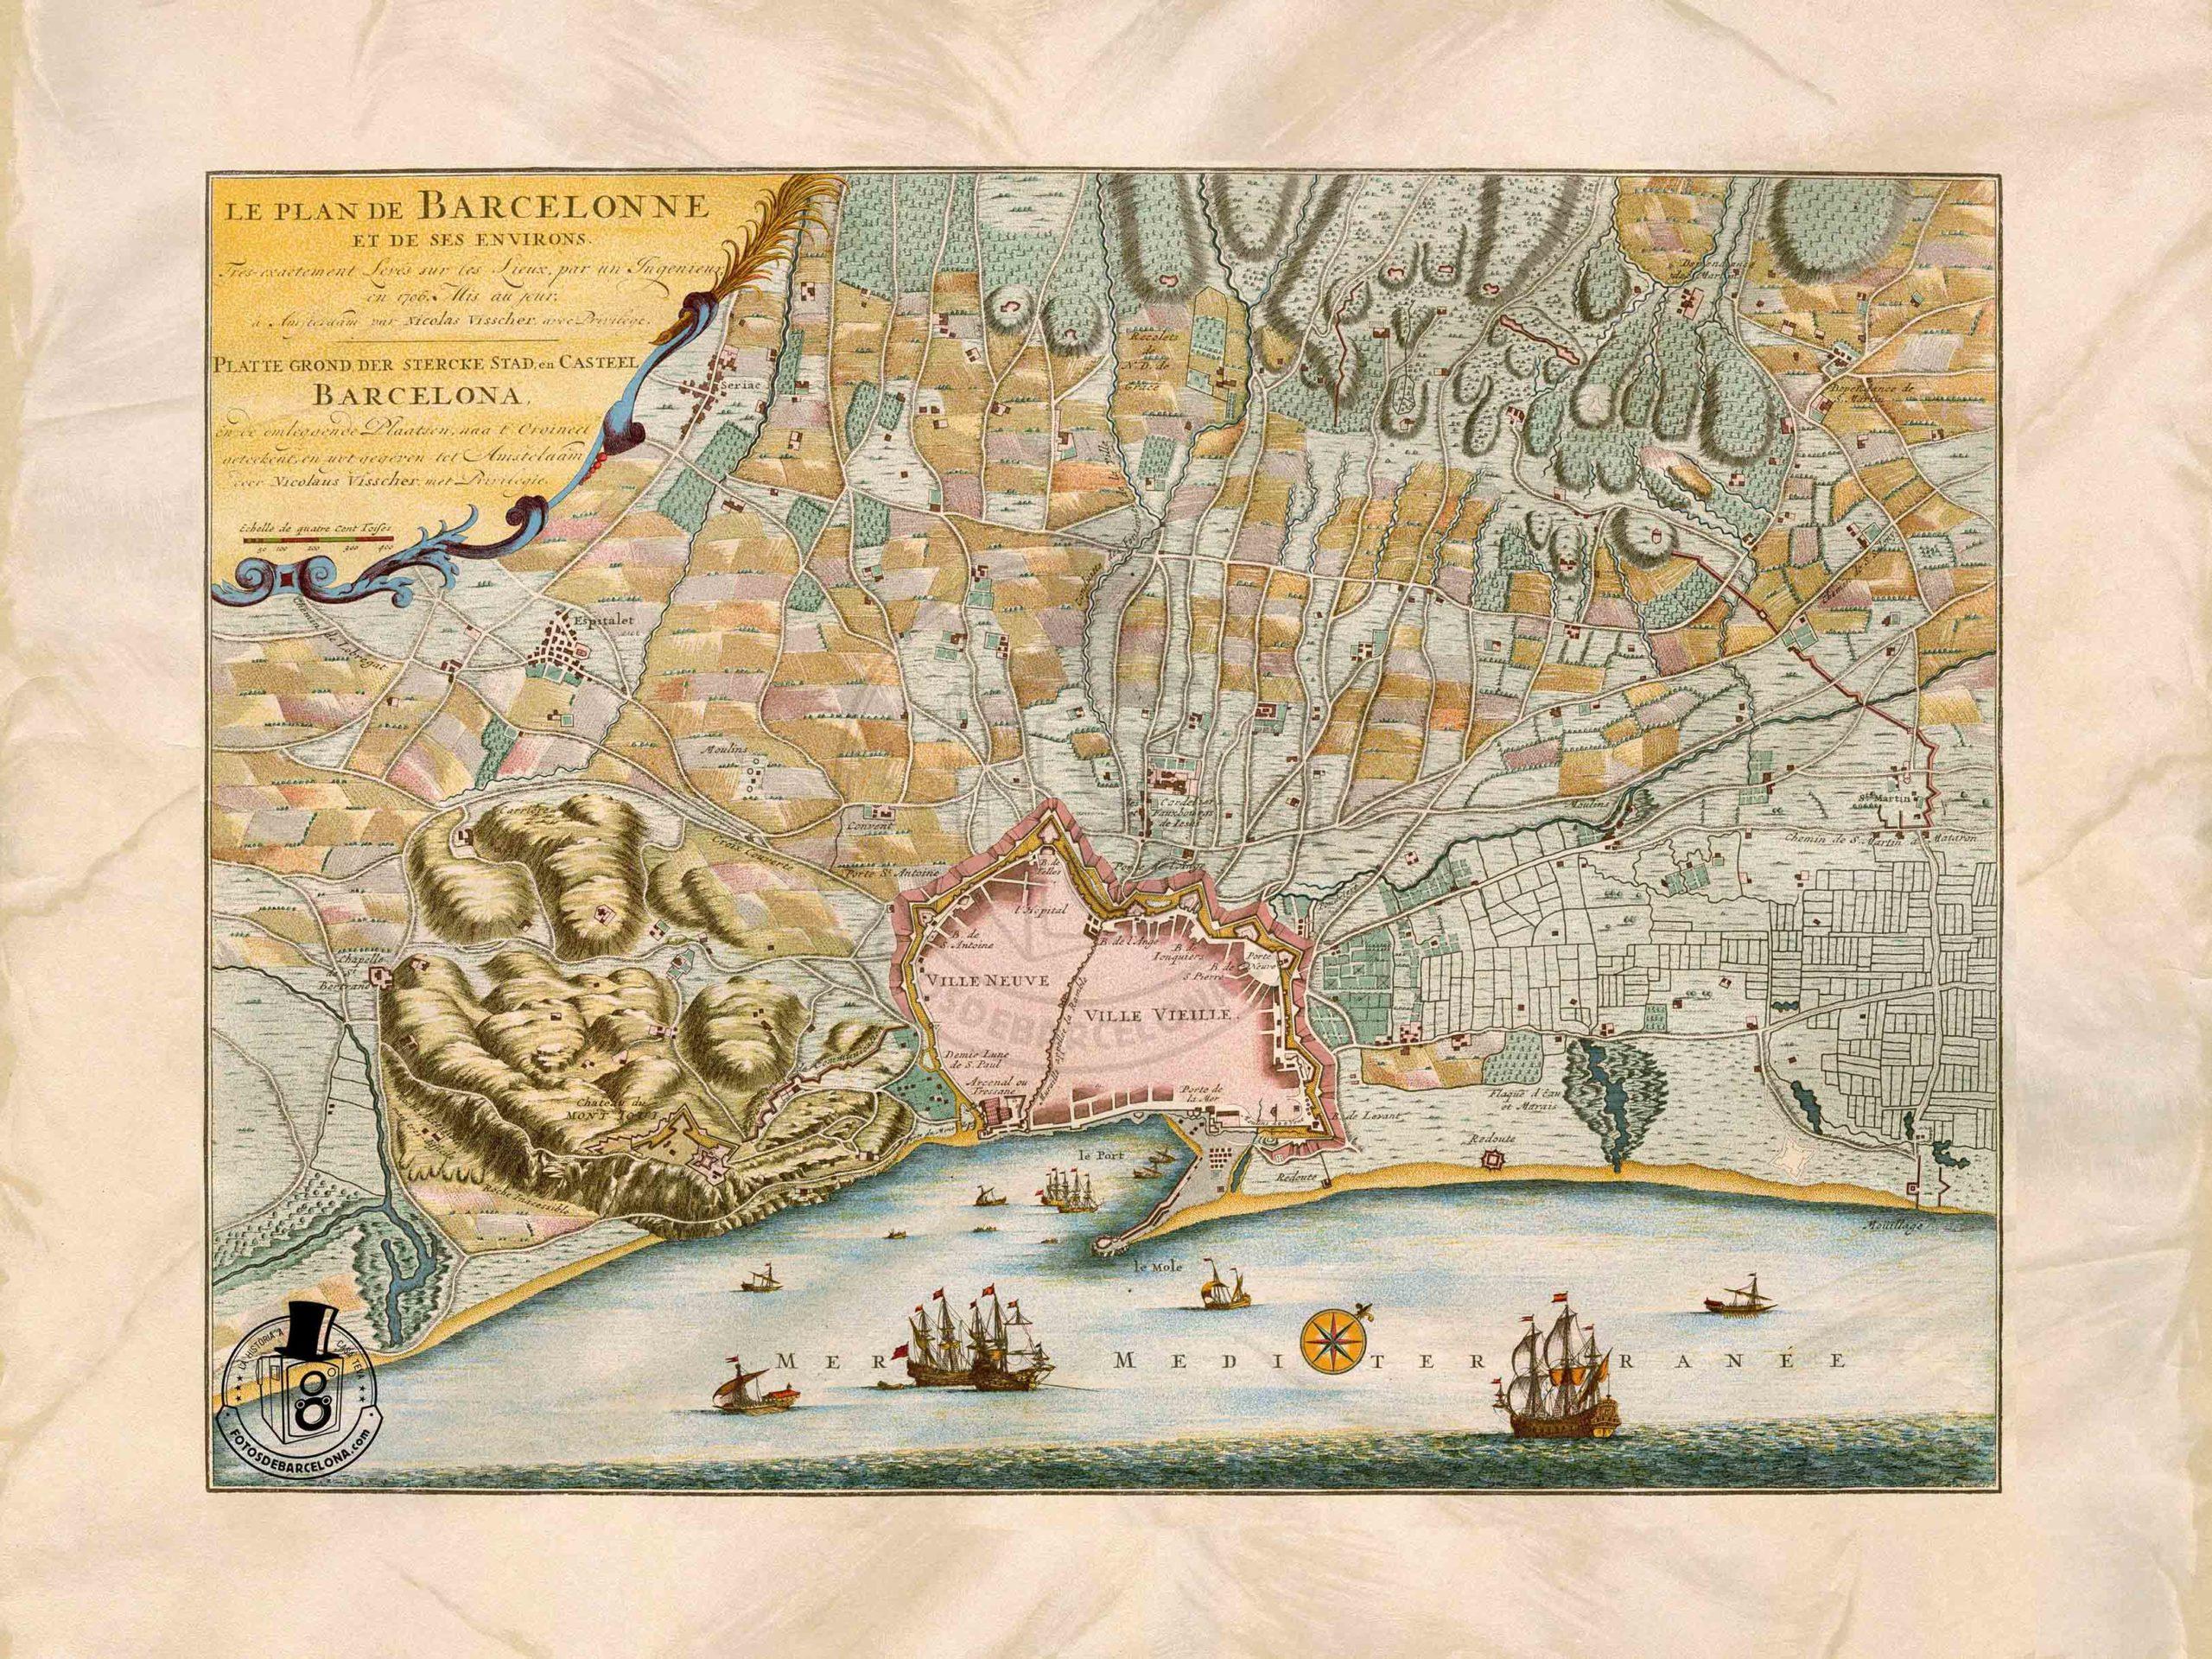 PLÀNOL DE BARCELONA DE 1706